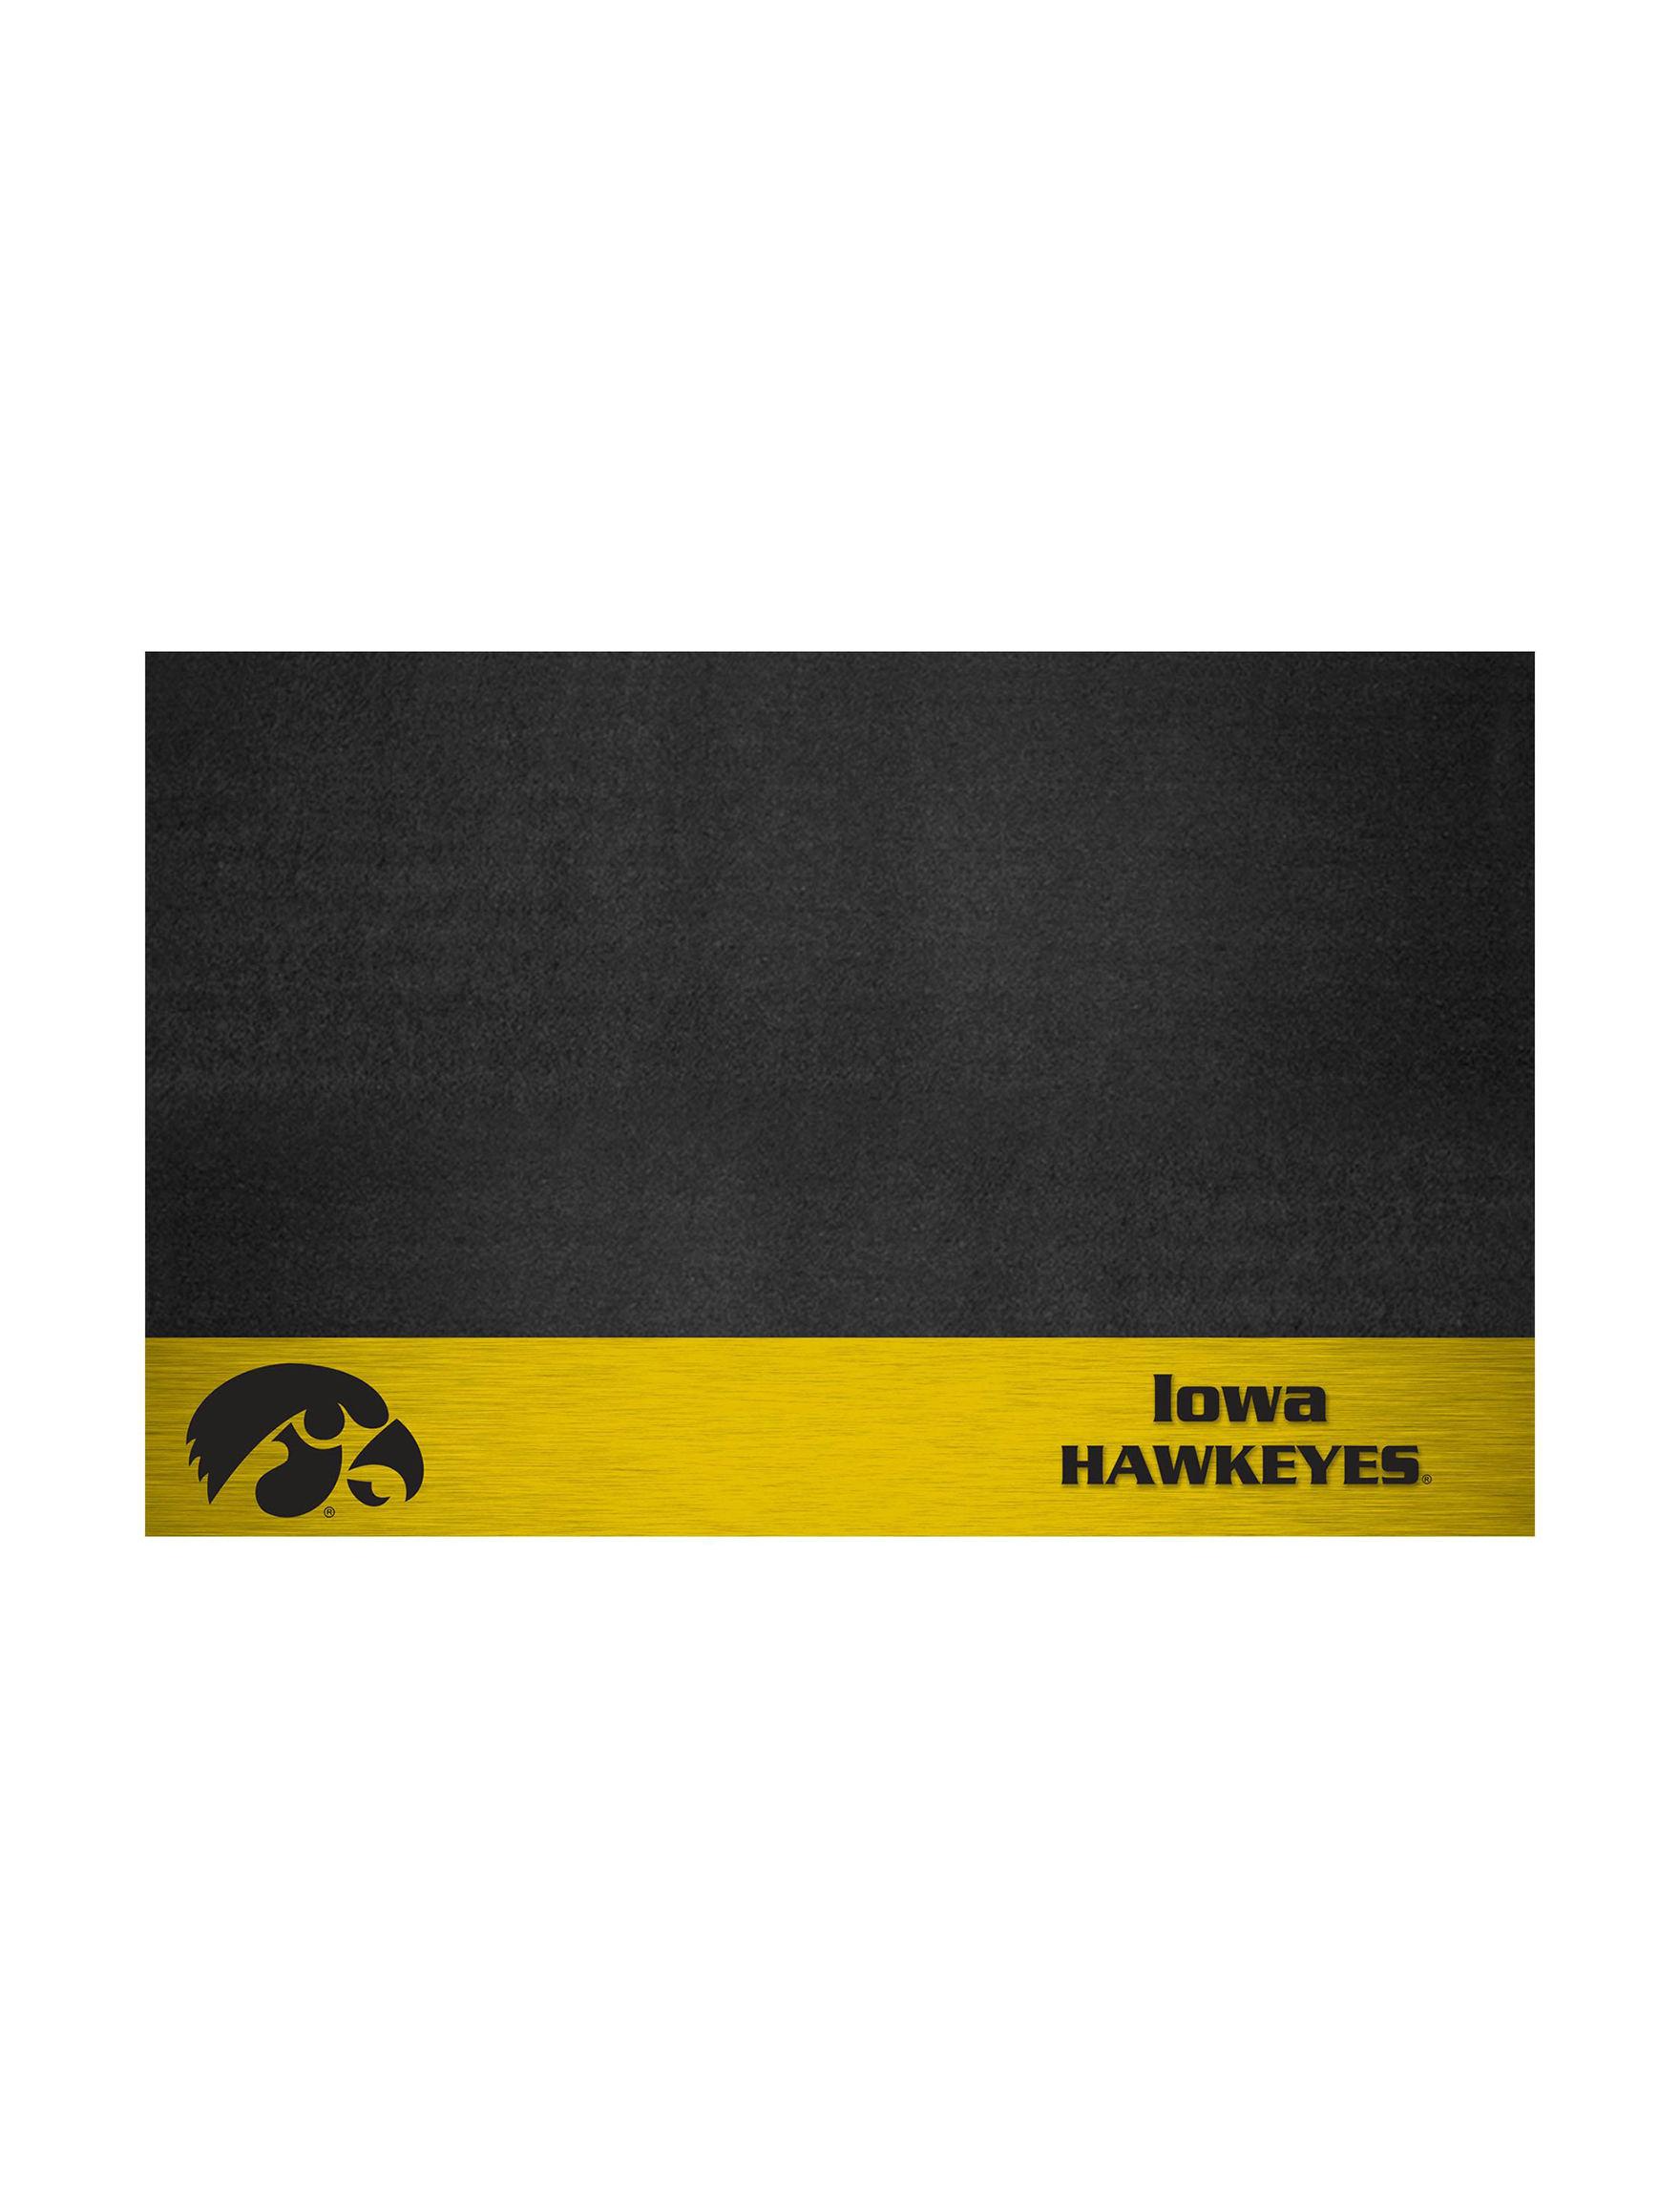 Fanmats Yellow Outdoor Rugs & Doormats Outdoor Decor